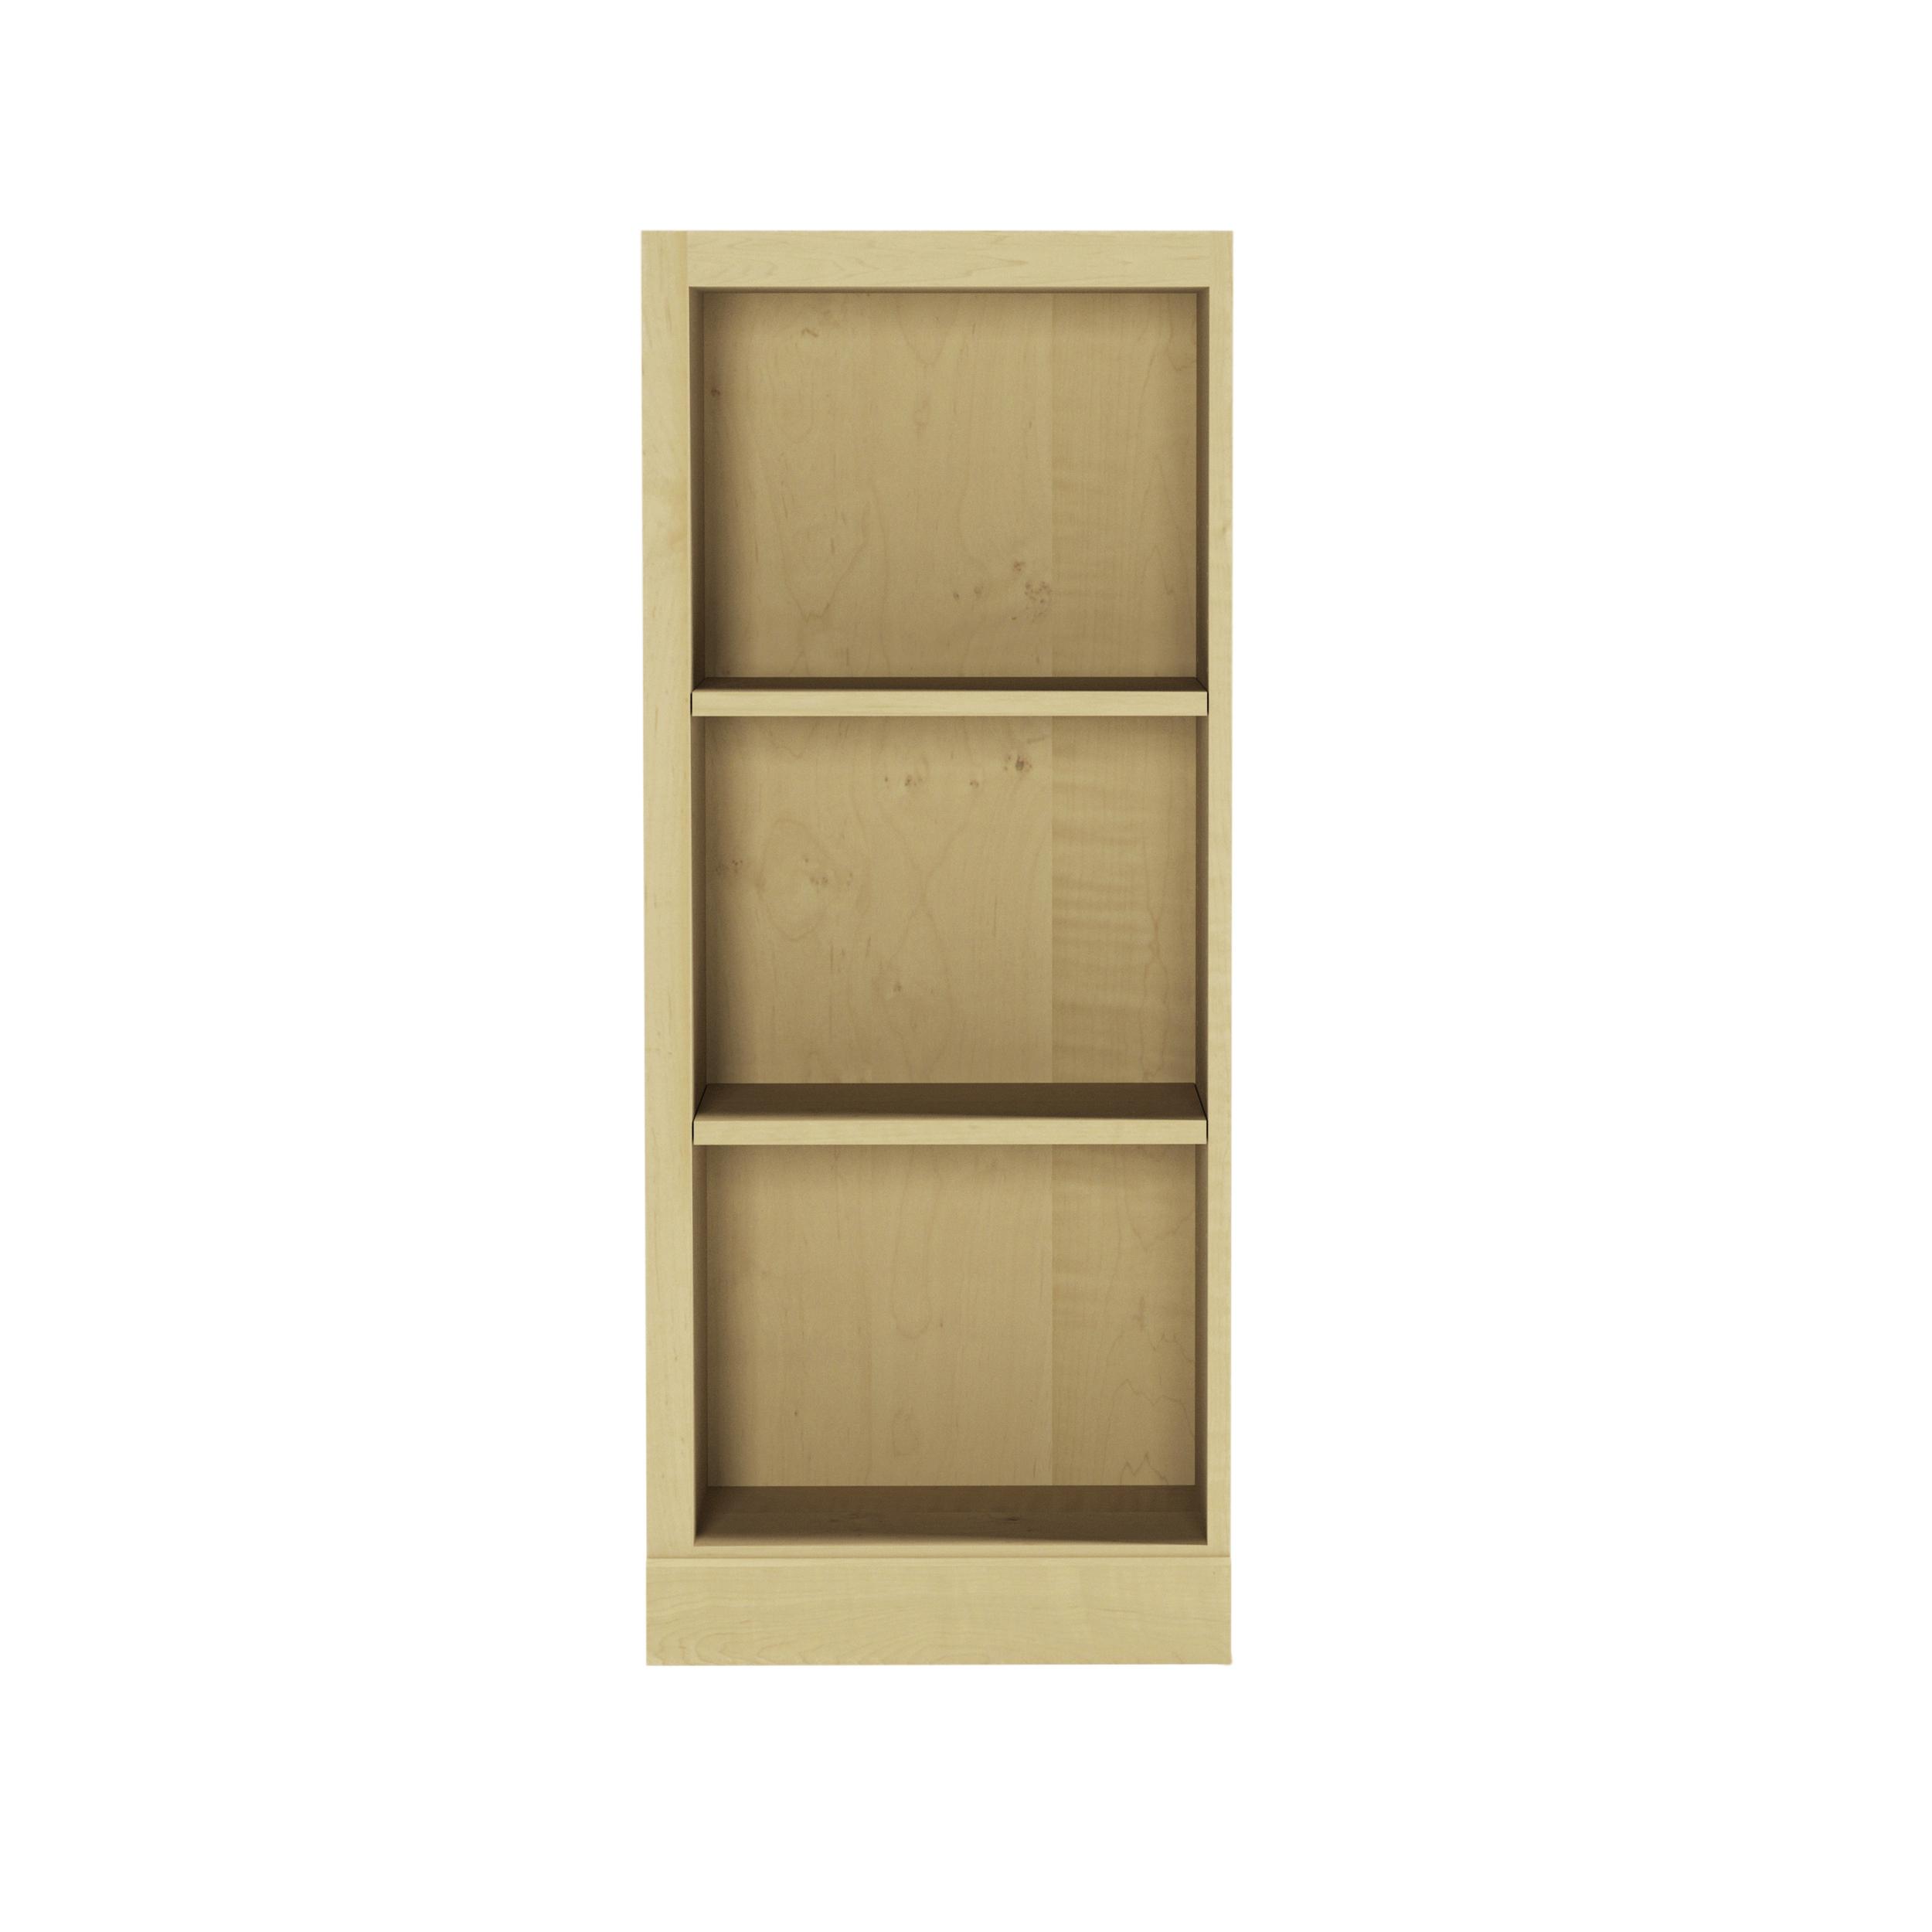 Flexmoderne 45″ In Height Leftside Bookshelf